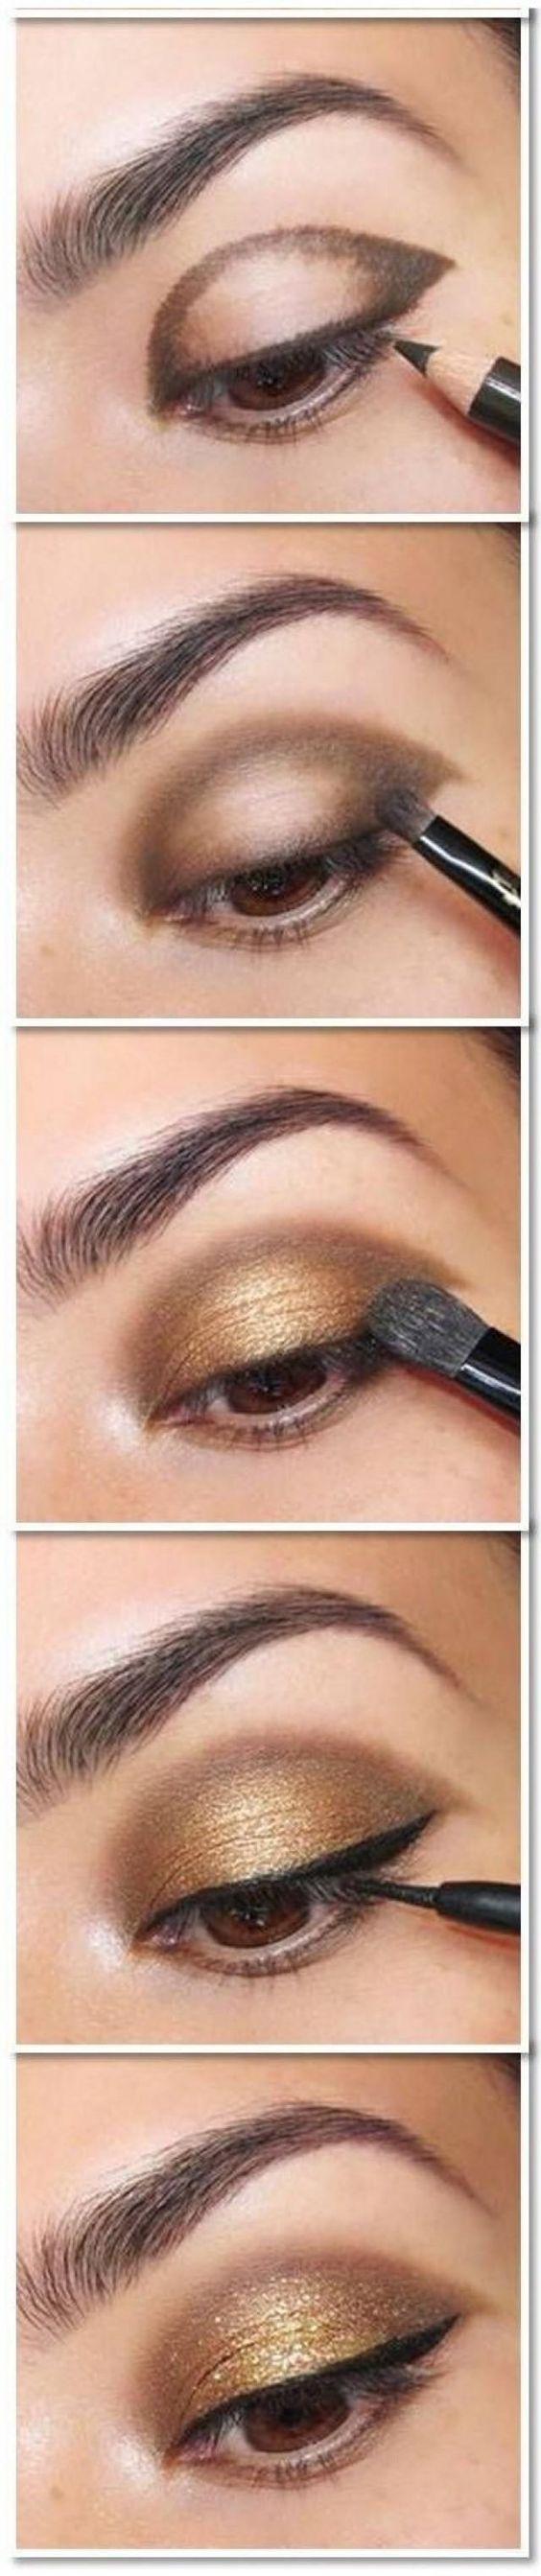 Les 50 Plus Beaux Maquillages Faciles Faire Maquillage Pour